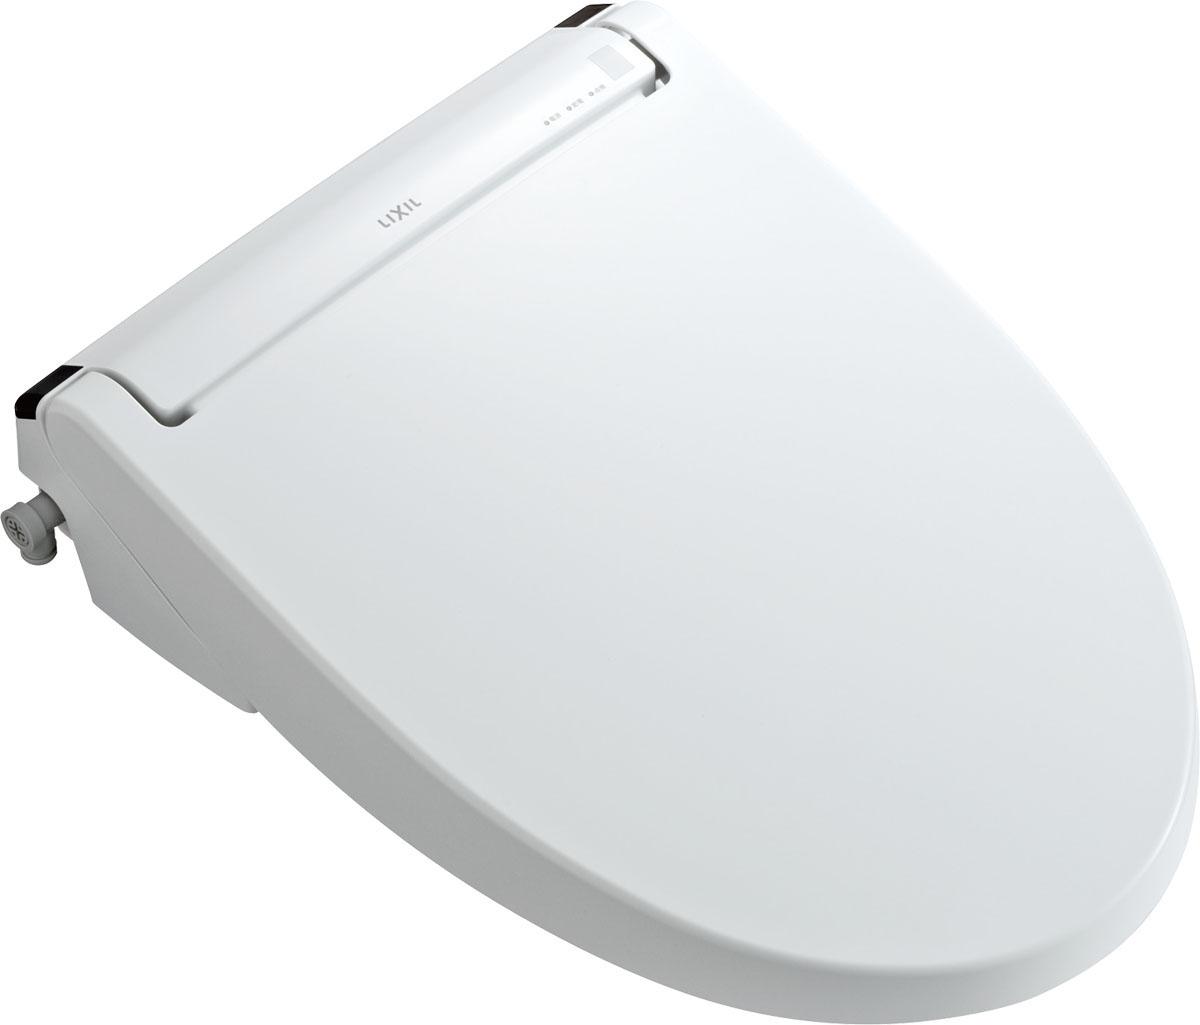 LIXIL INAX シャワートイレ スリムタイプ フルオート便器洗浄付 CW-PC12QA-NE